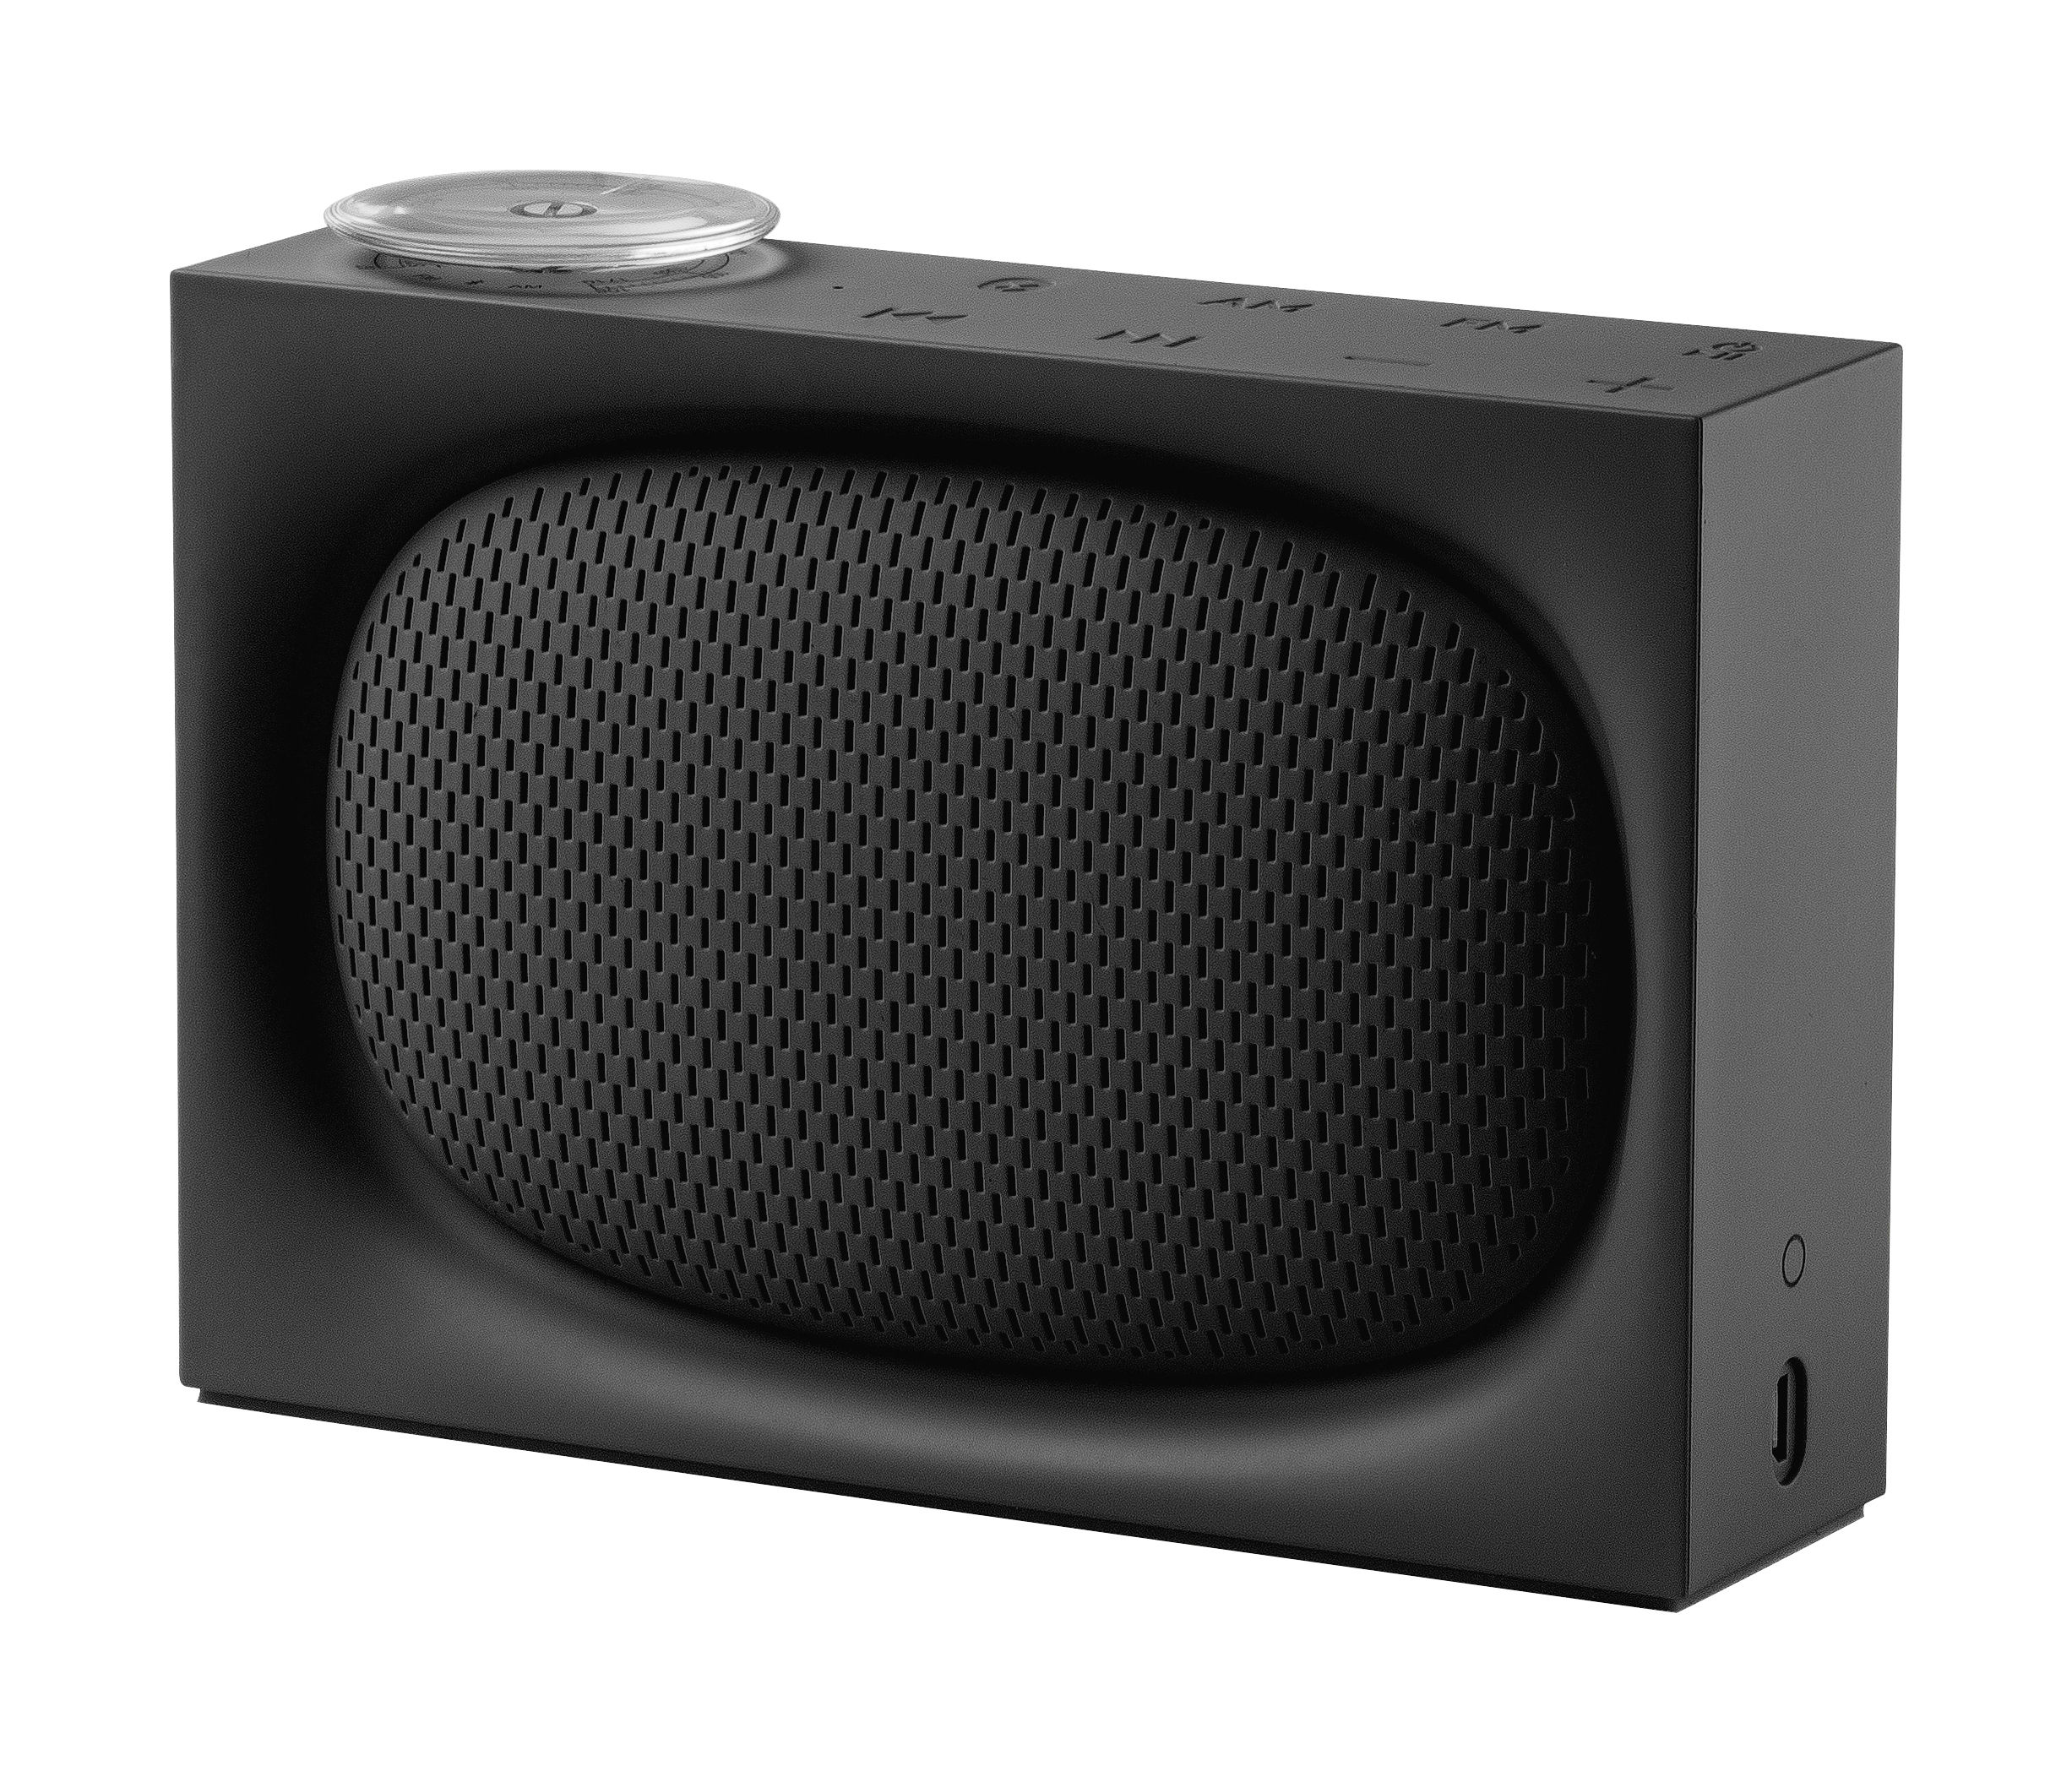 Accessori moda - Radio e Sveglie - Radio senza fili Ona / Altoparlante bluetooth - Ricarica USB - Lexon - Nero - ABS